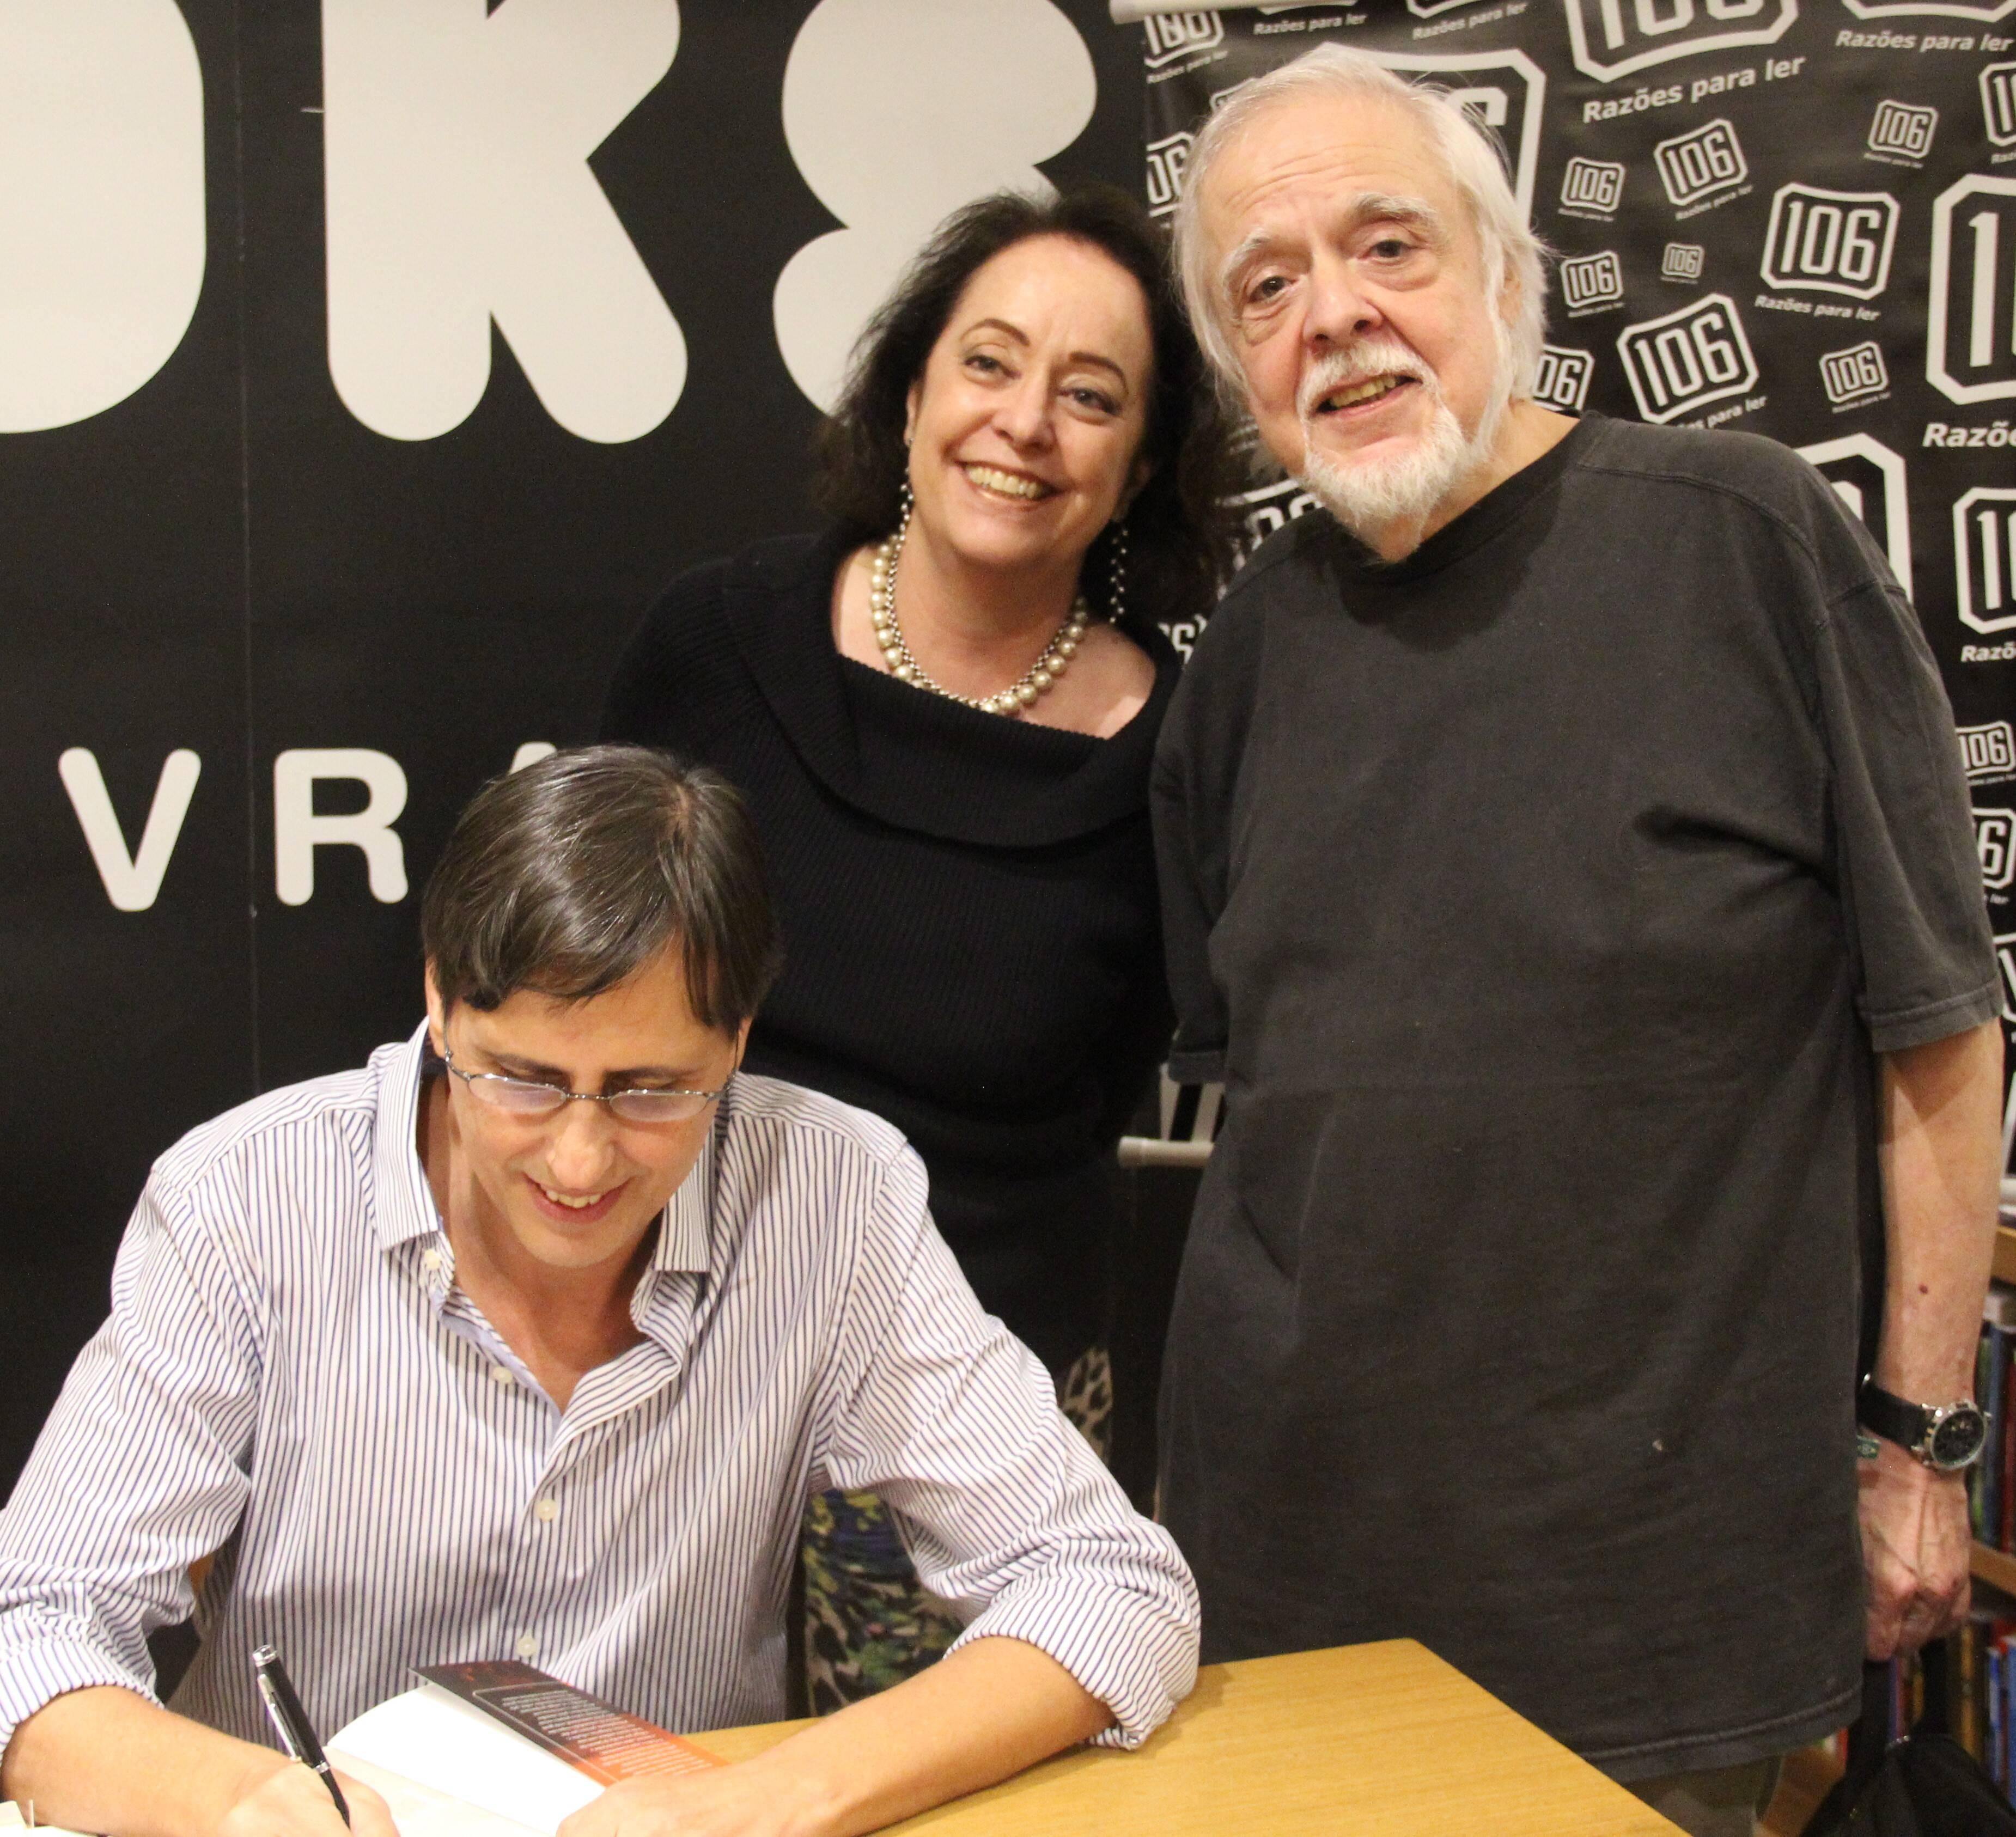 Mauro e o publicitário Lula Vieira com a mulher, a jornalista Silvana Gontijo /Foto: Marcelo Brandão